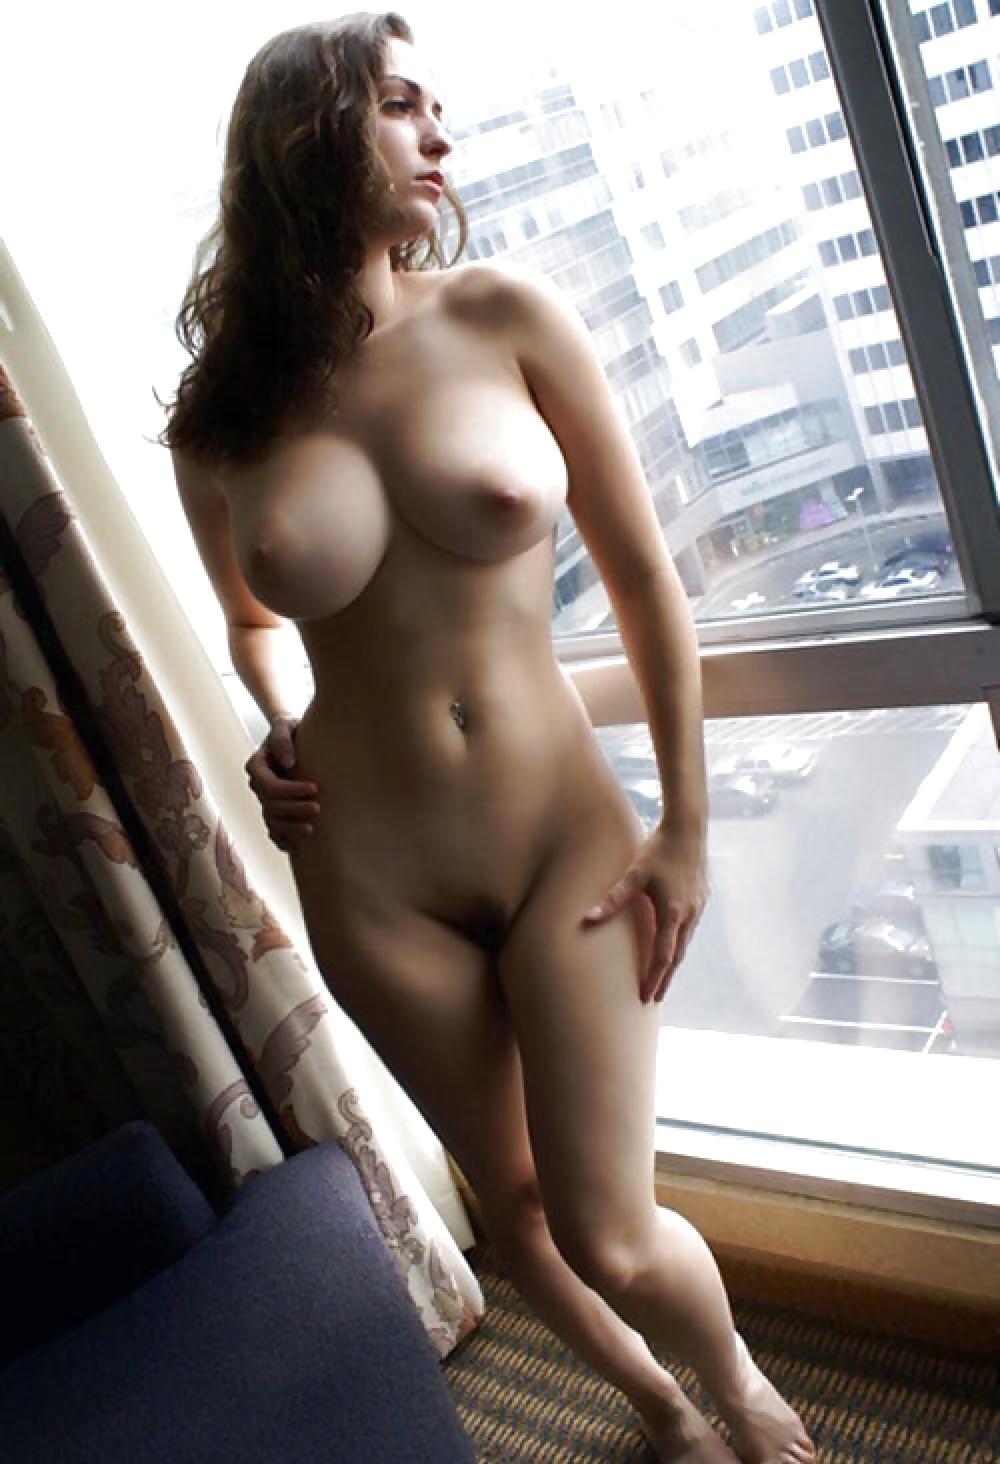 Kostenlos Bildern von Jugendliche sexy Küken